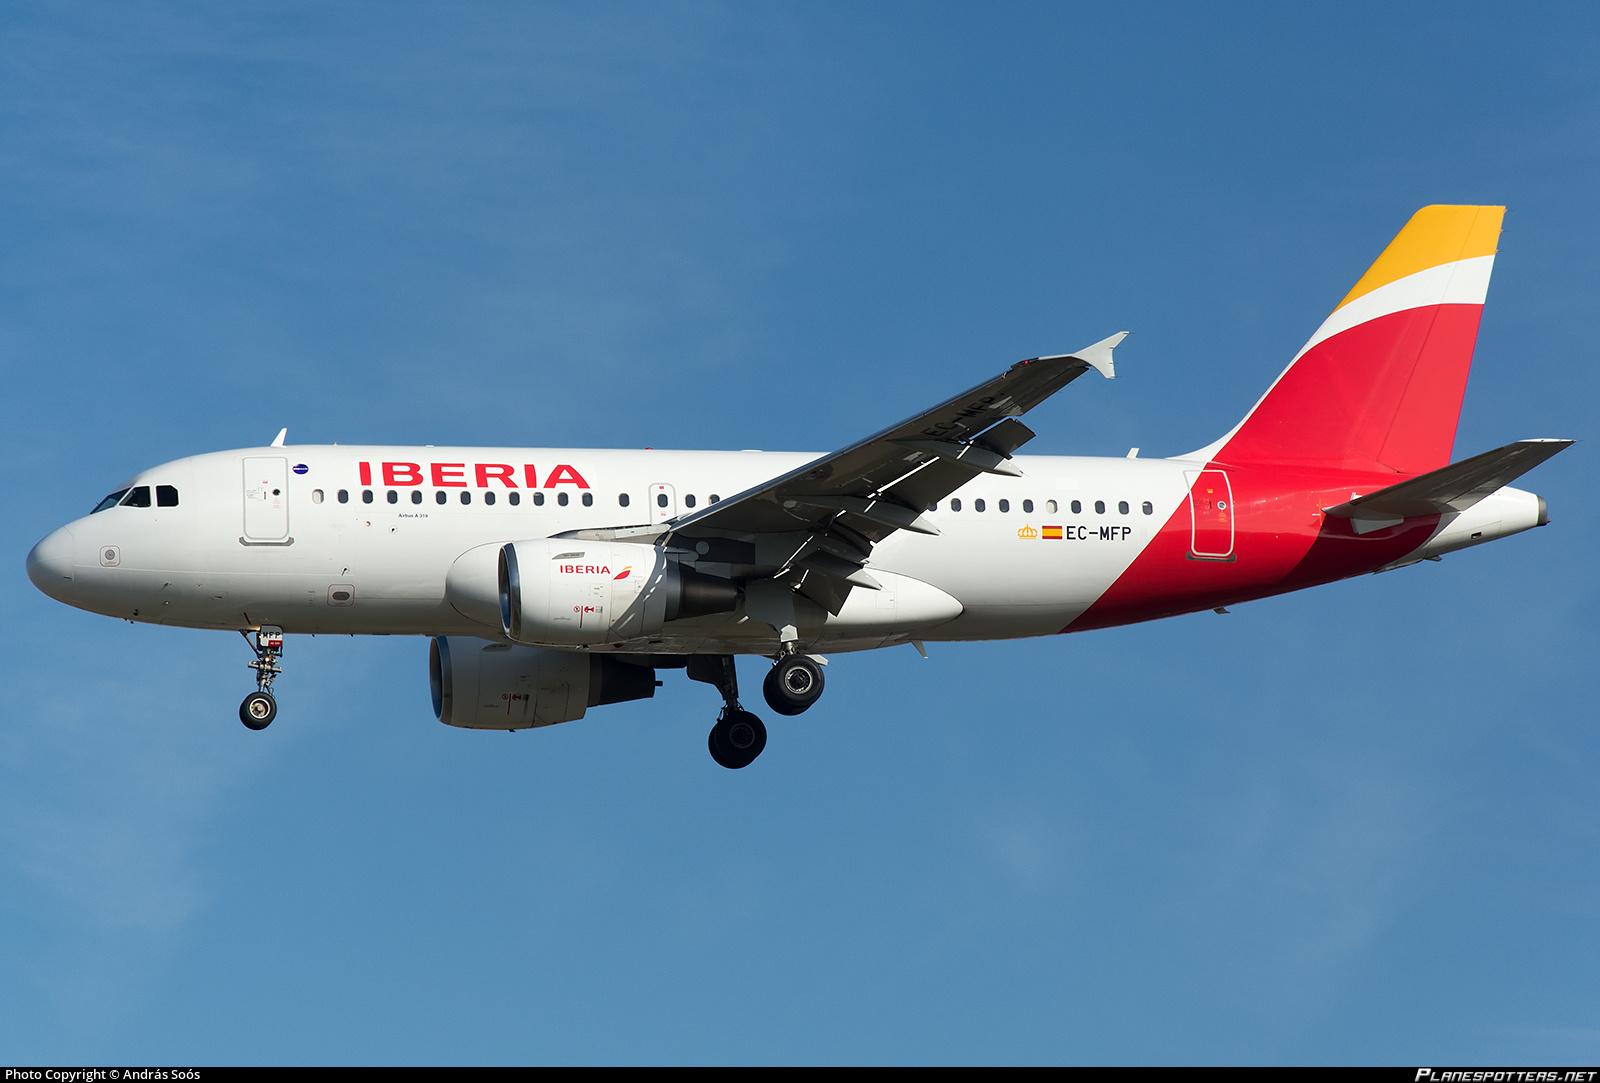 Путешествие через океан. Часть 1. Милан (MXP) - Мадрид (Т4) на Airbus A319 IBERIA